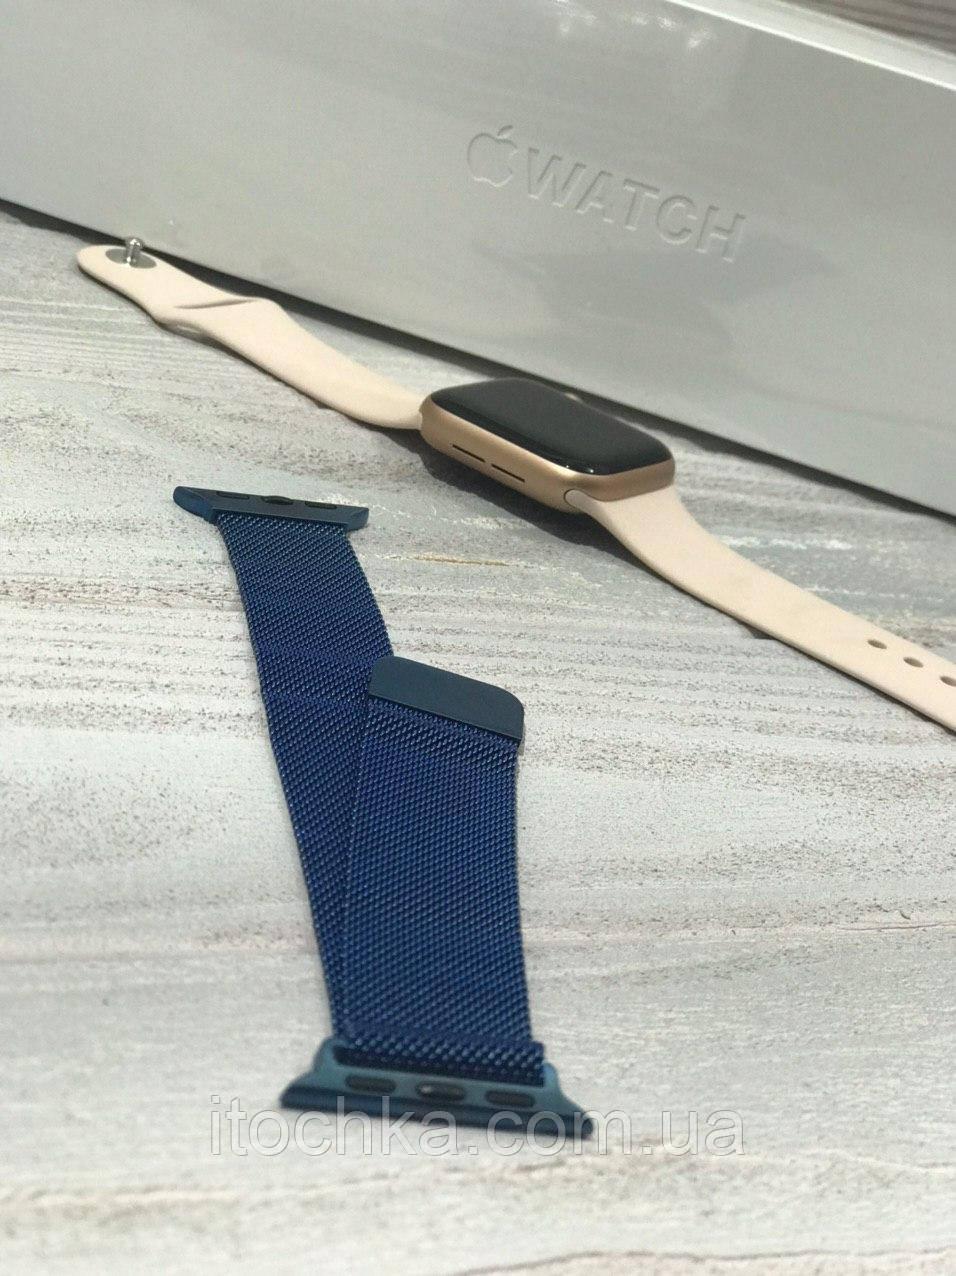 Ремешок для Apple Watch Milanese Loop 38mm Blue